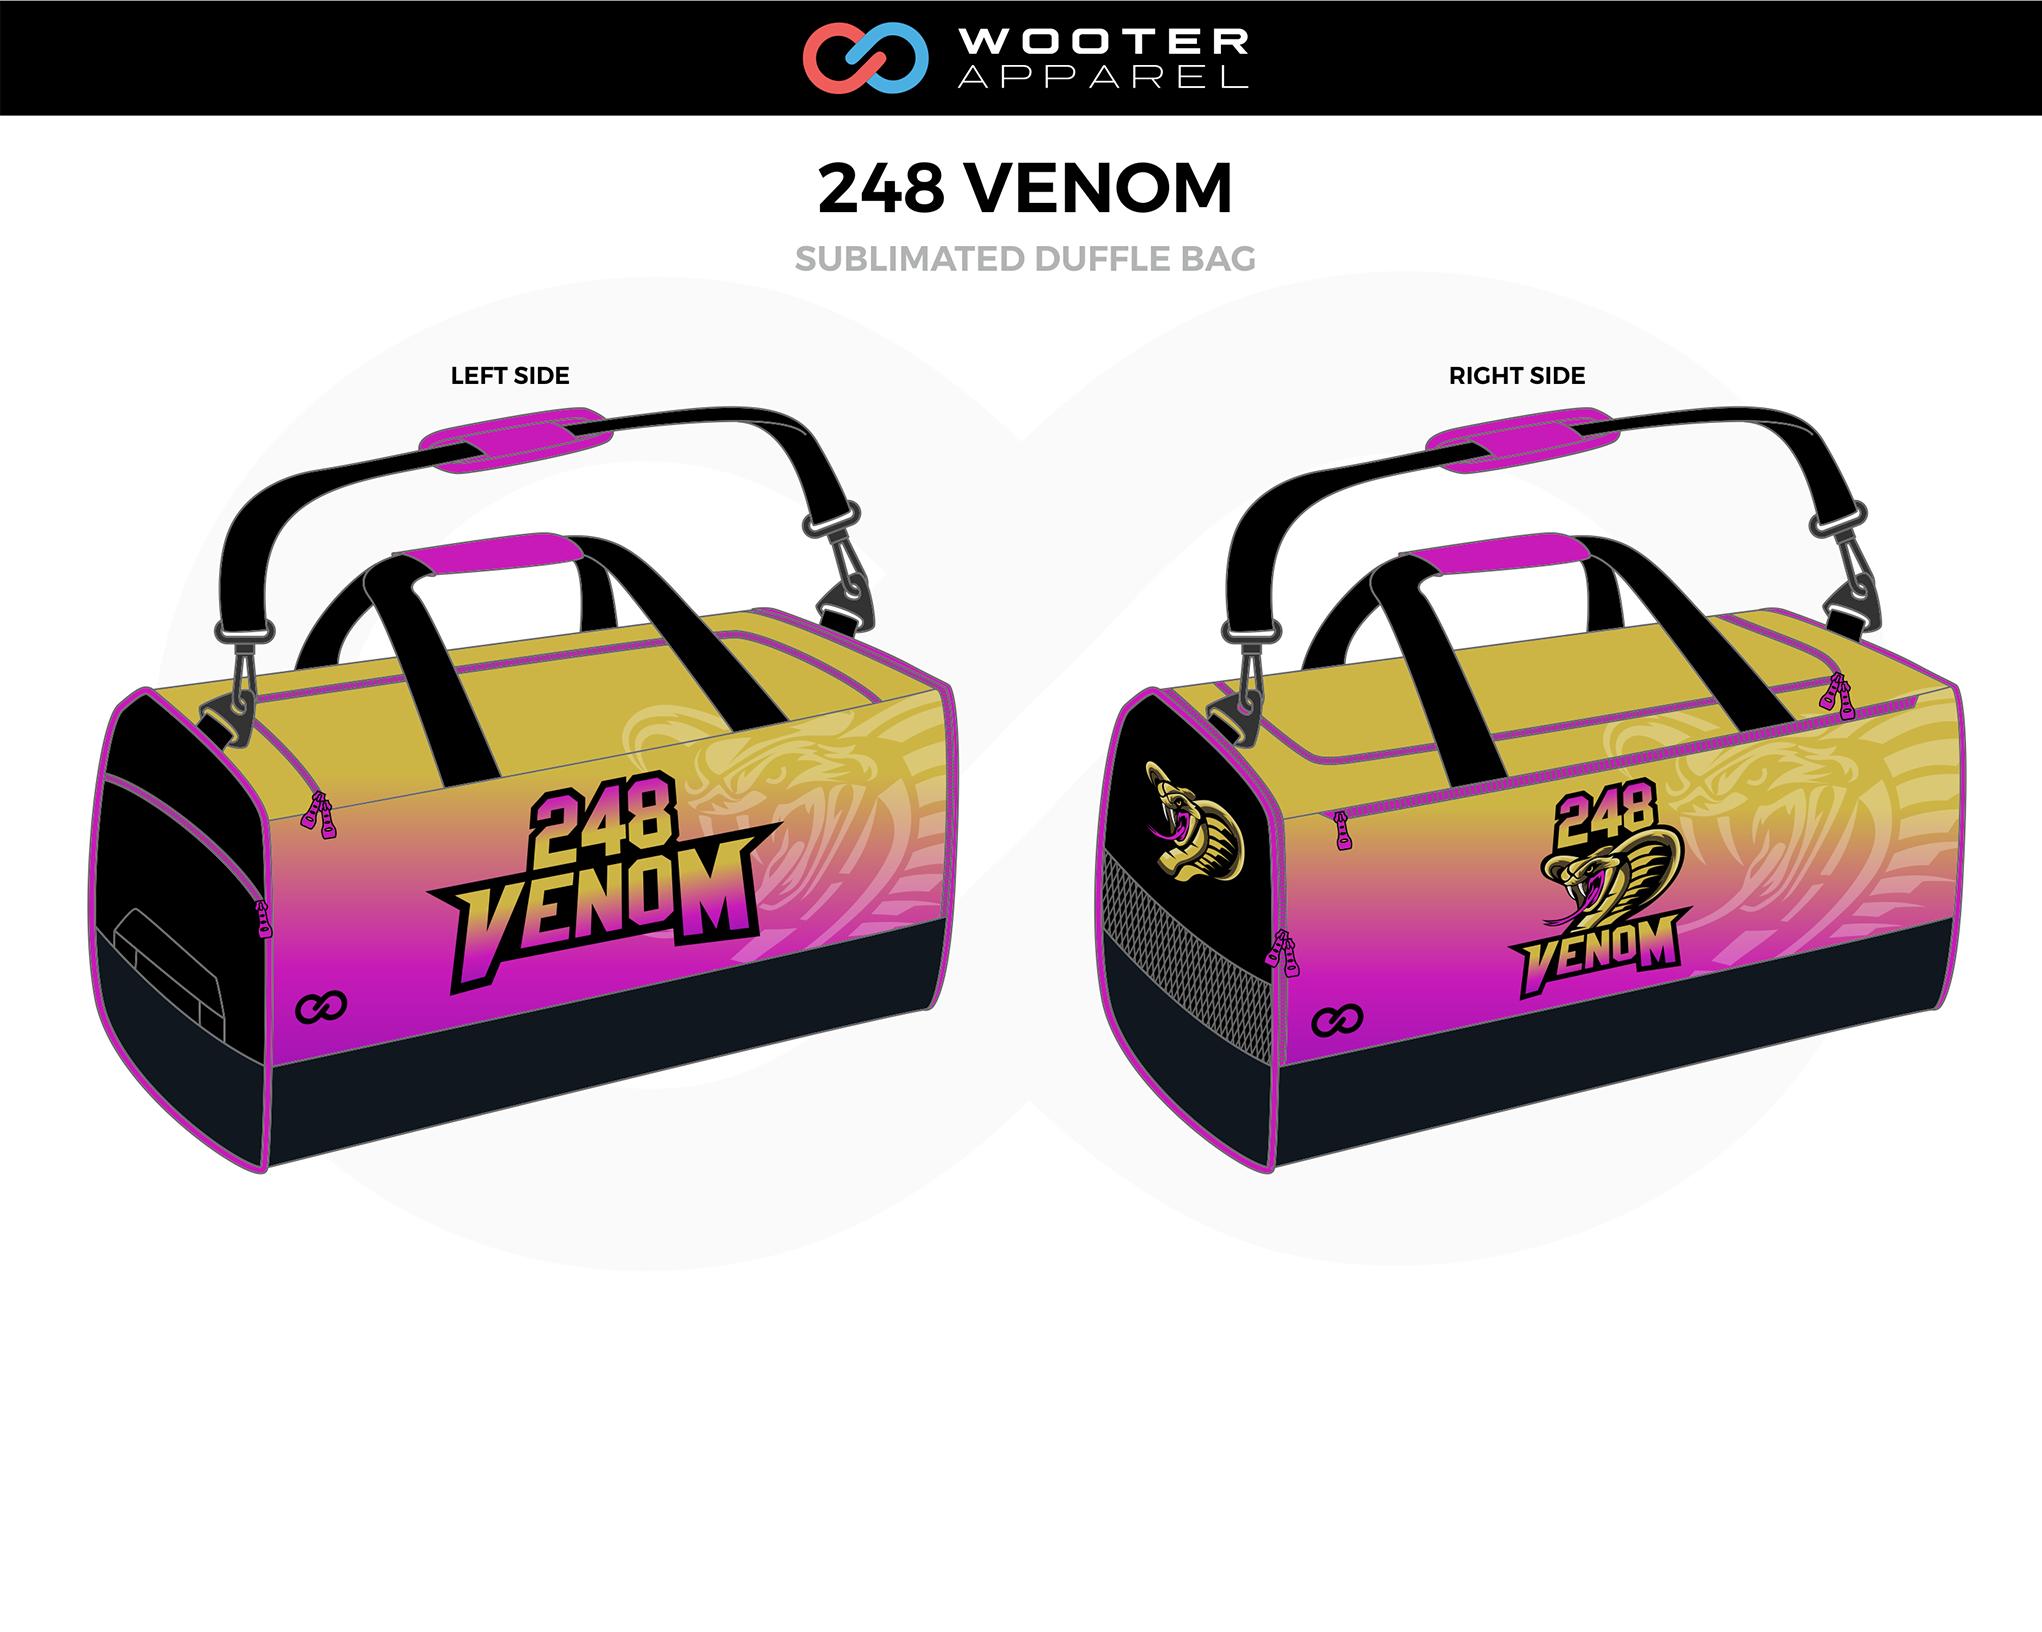 248 VENOM Lavender Yellow Black Football Duffle Bag